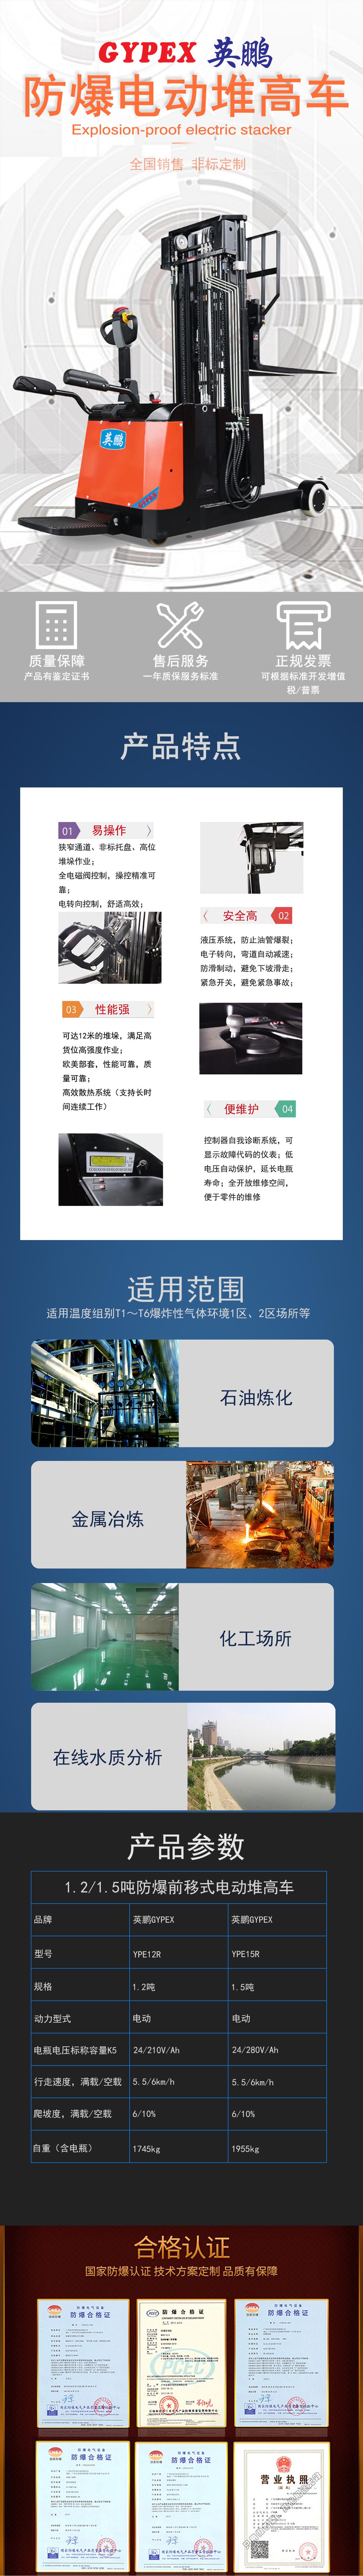 YPE12 15R   防爆前移式電動堆高車詳情圖.jpg